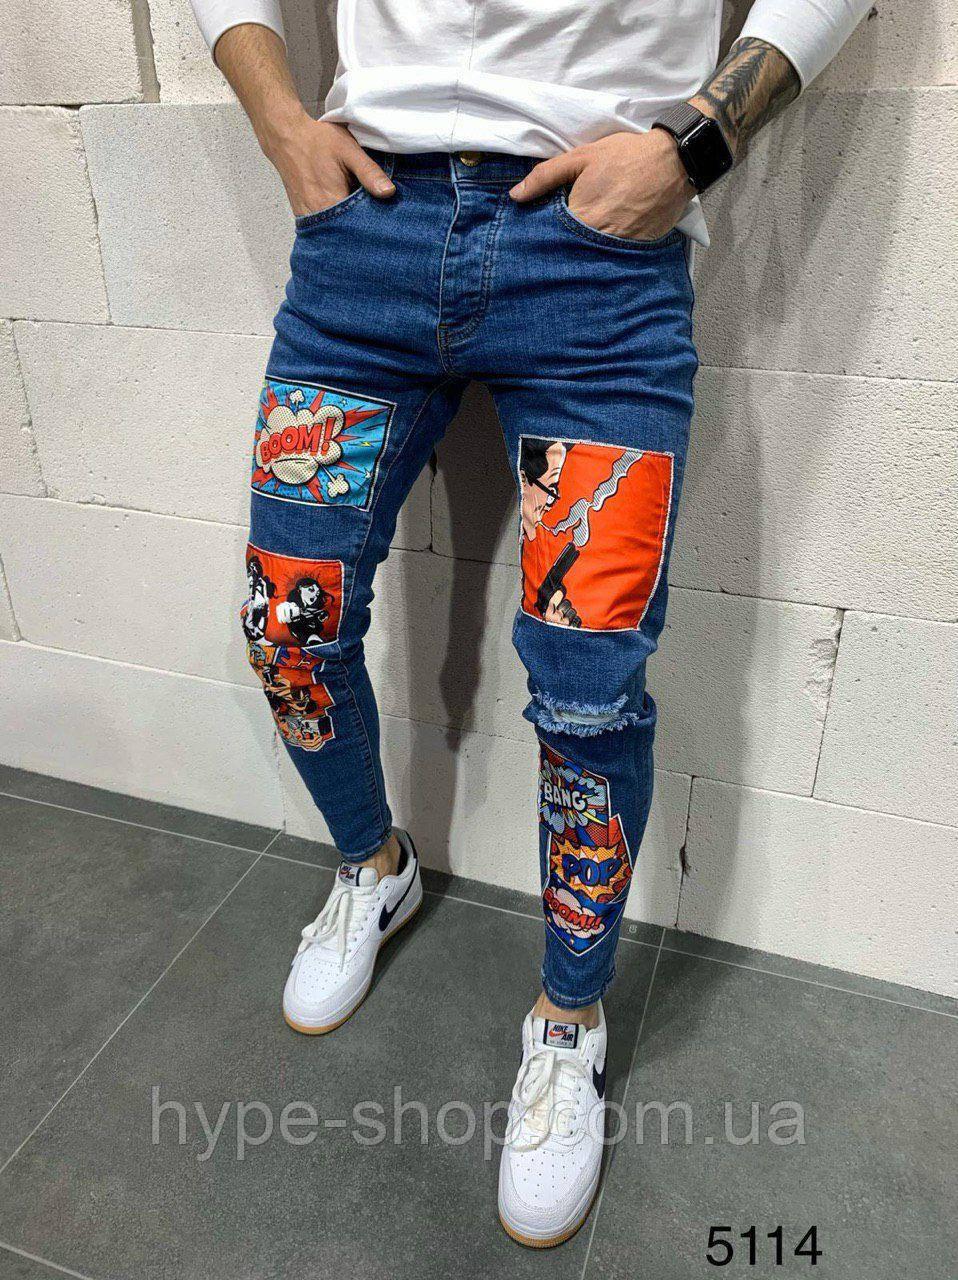 Мужские синие джинсы Marvel